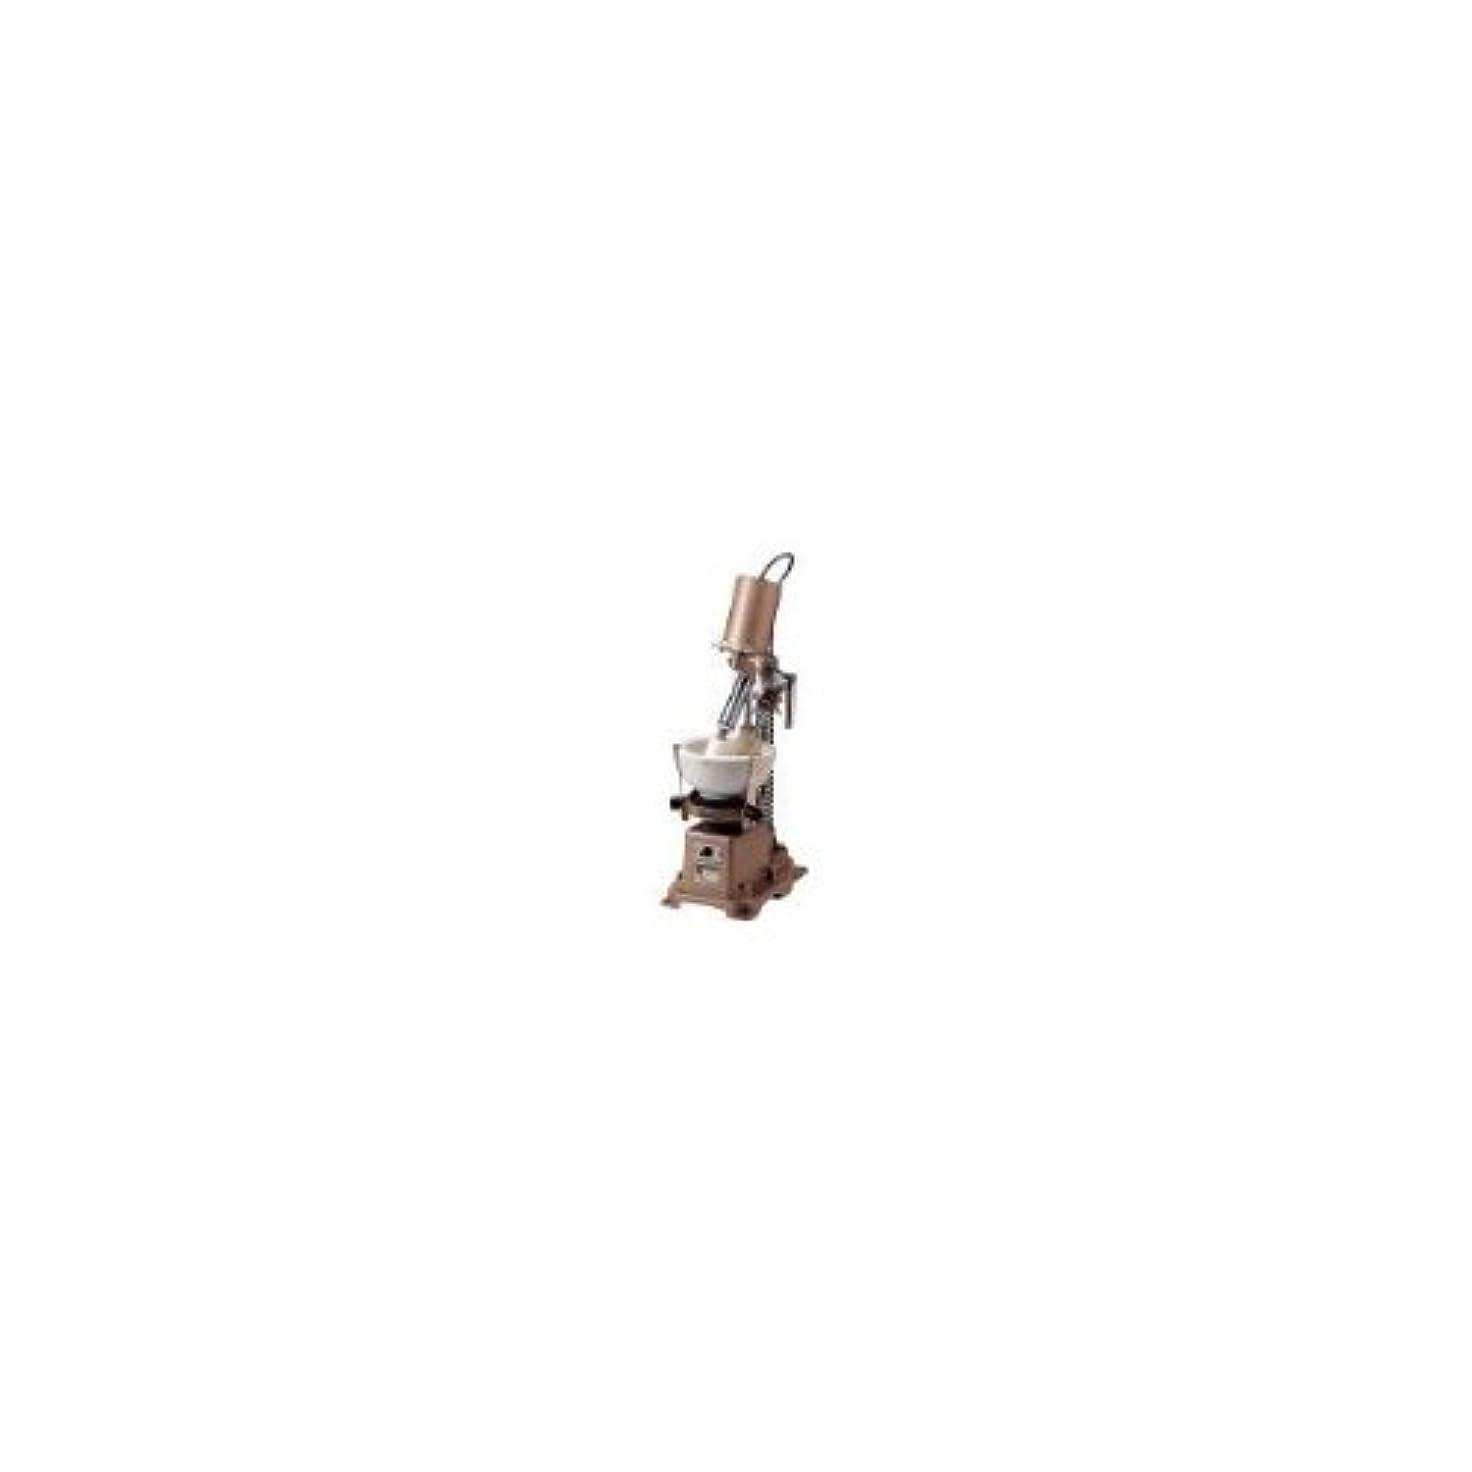 ダイジェストそして選択日陶 自動乳鉢 ALM-200DX【ALM200DX】 (販売単位:1台)